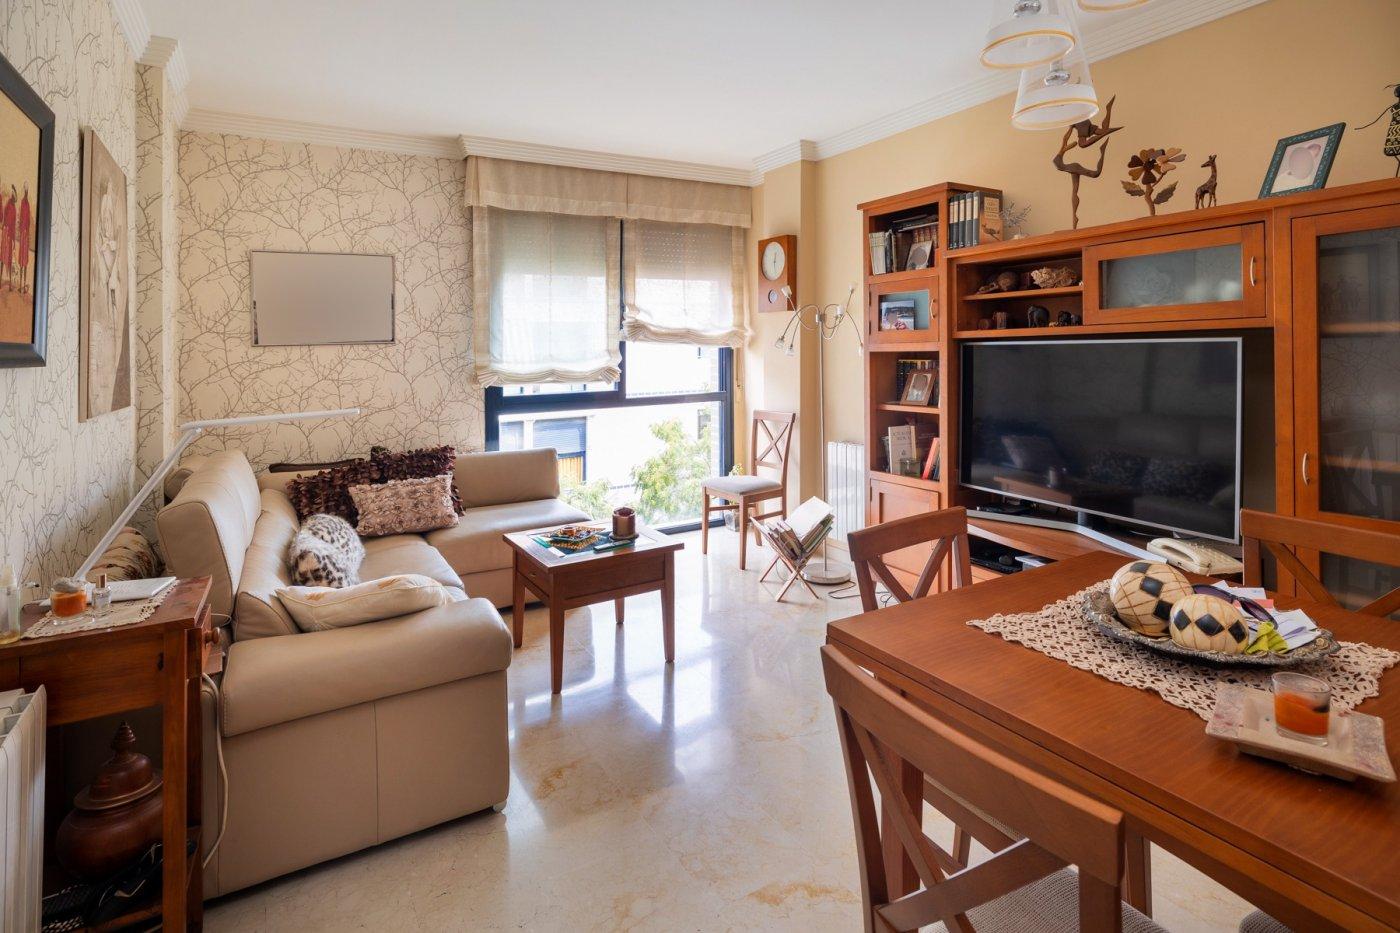 Bonito piso en buen estado+garaje+trastero en camino ronda y junto villarejo